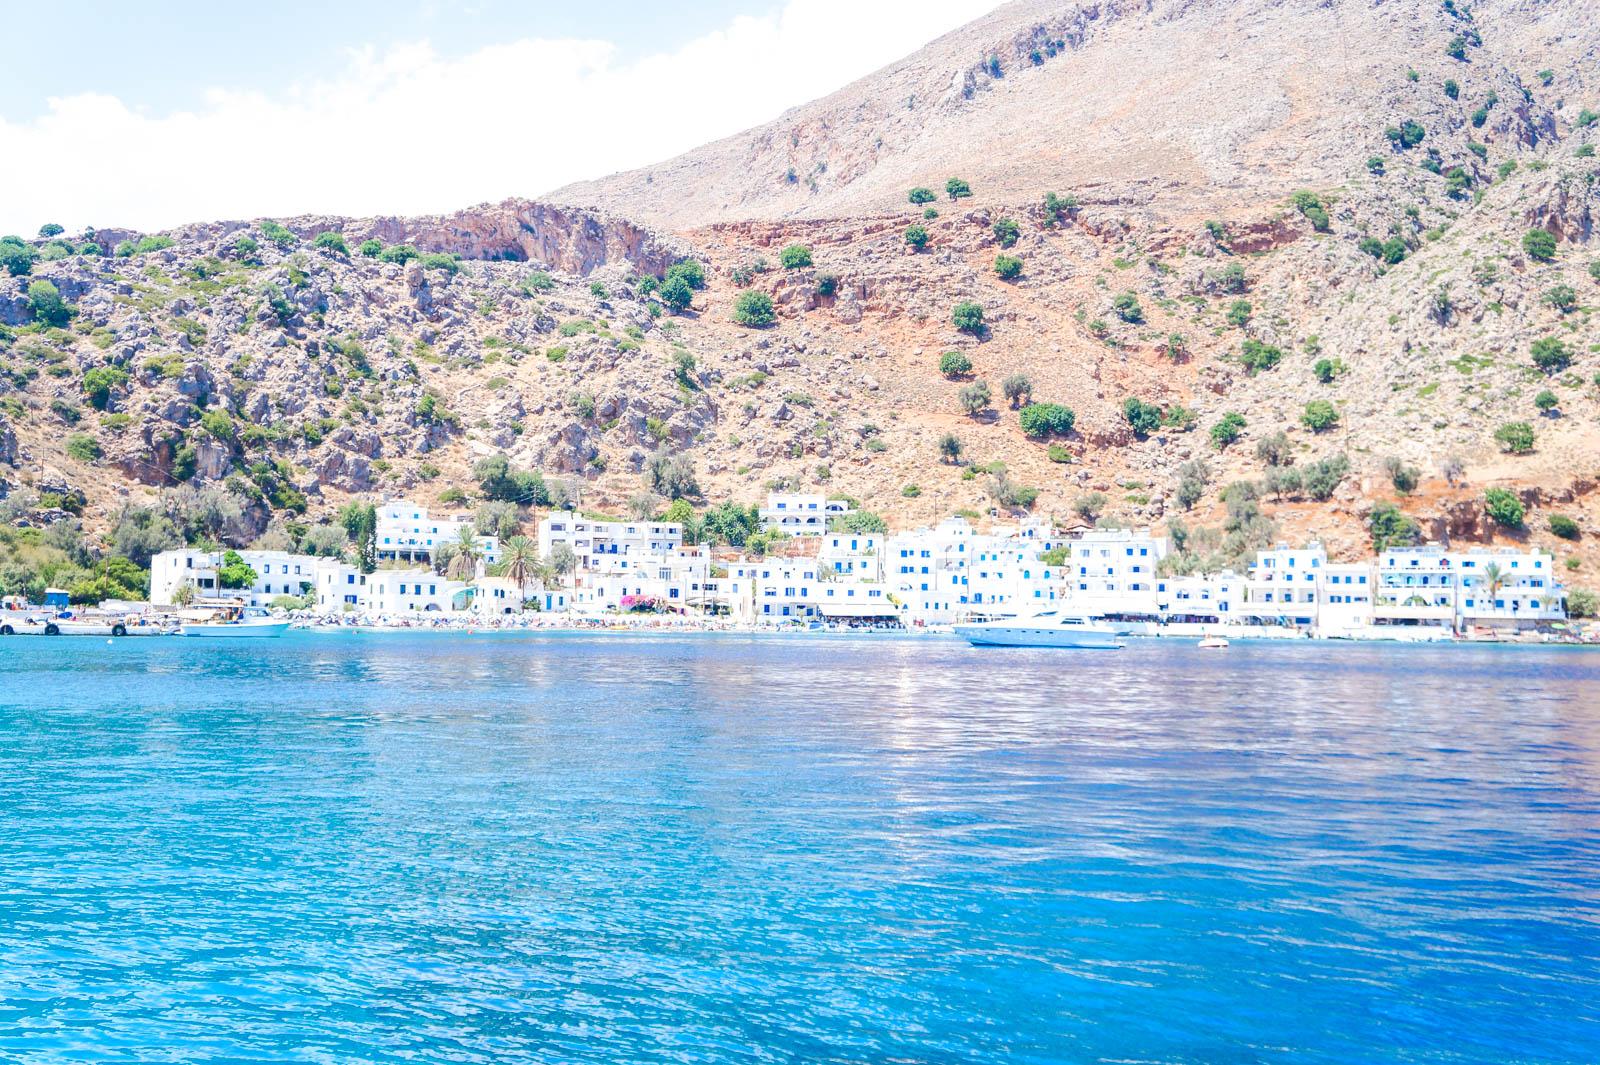 loutro-crete-greece-la-vie-en-blog-all-rights-reserved-2